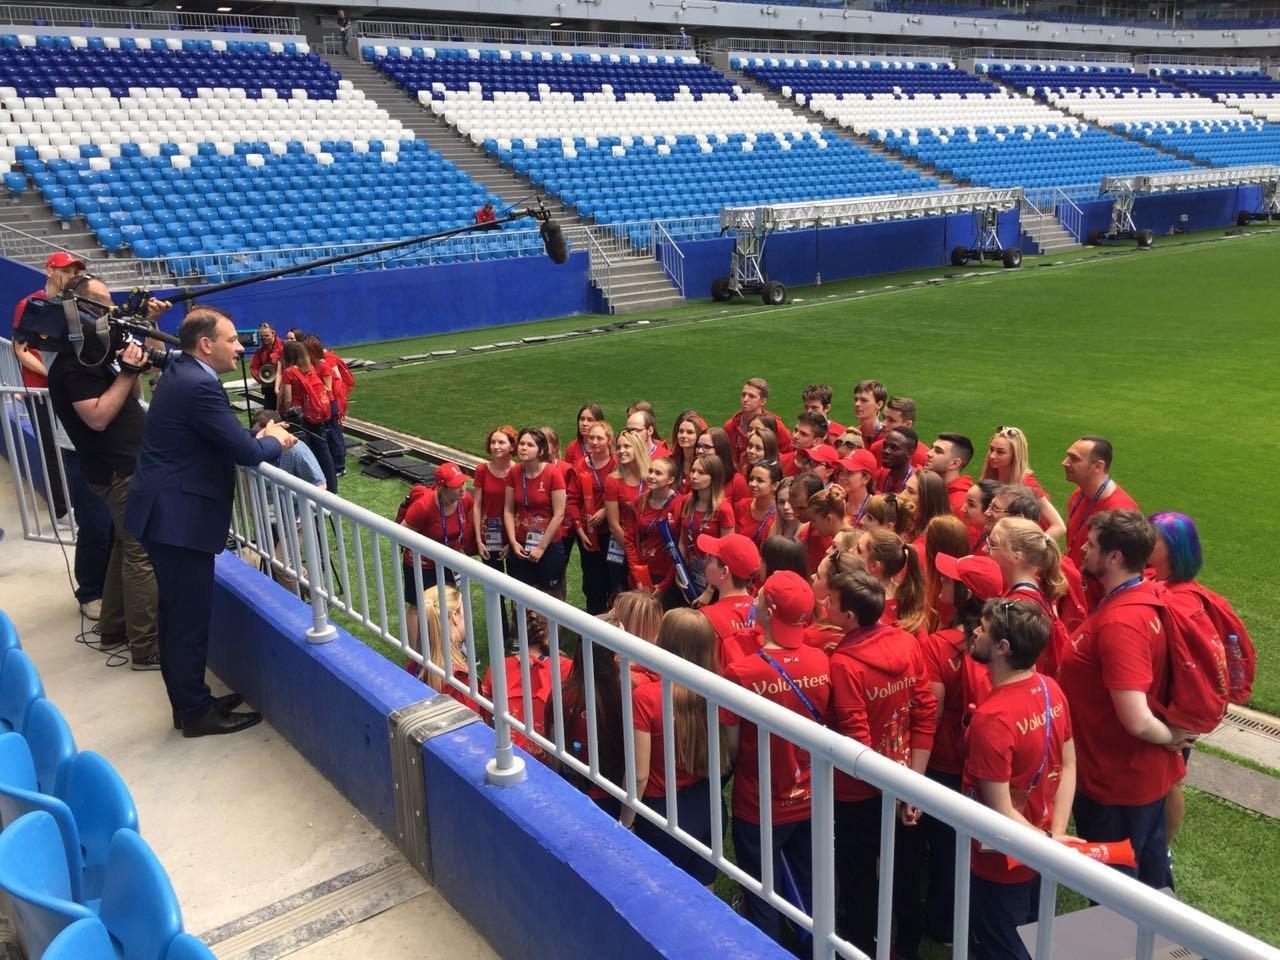 El presidente del Instituto Bering Bellingshausen para las Américas, Sergey Brilev, habla con voluntarios de Rusia 2018 durante la entrega del pasto del Estadio Centenario de Montevideo para el Cosmos Arena de Samara.